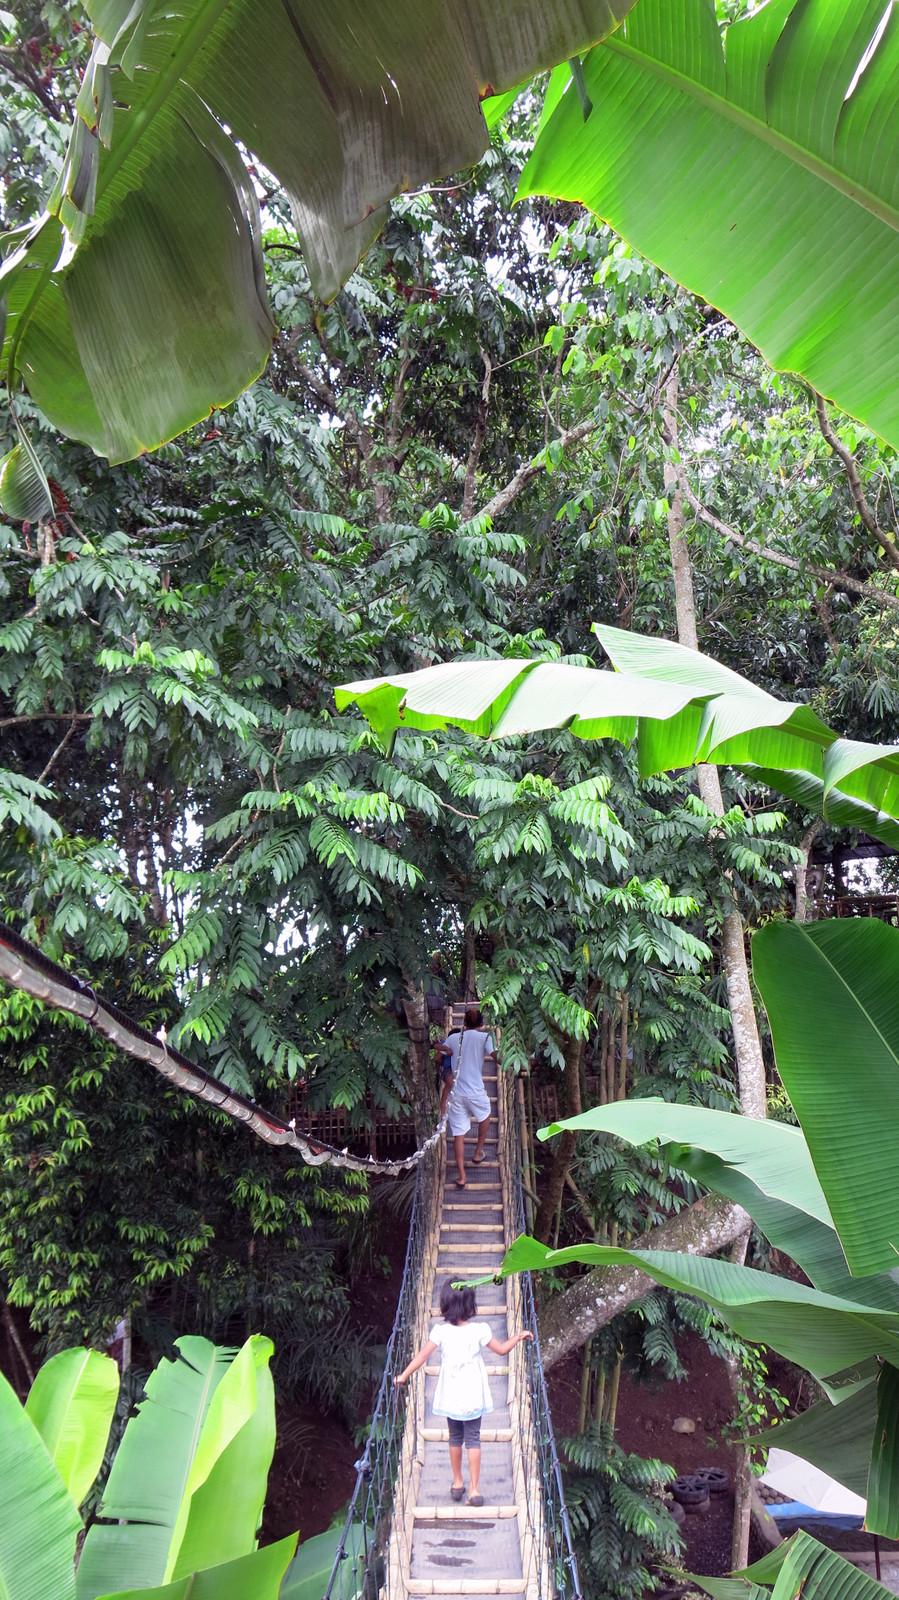 Kedai Rumah Pohon Temega Amed Bali Click Preview Galery Karangasem